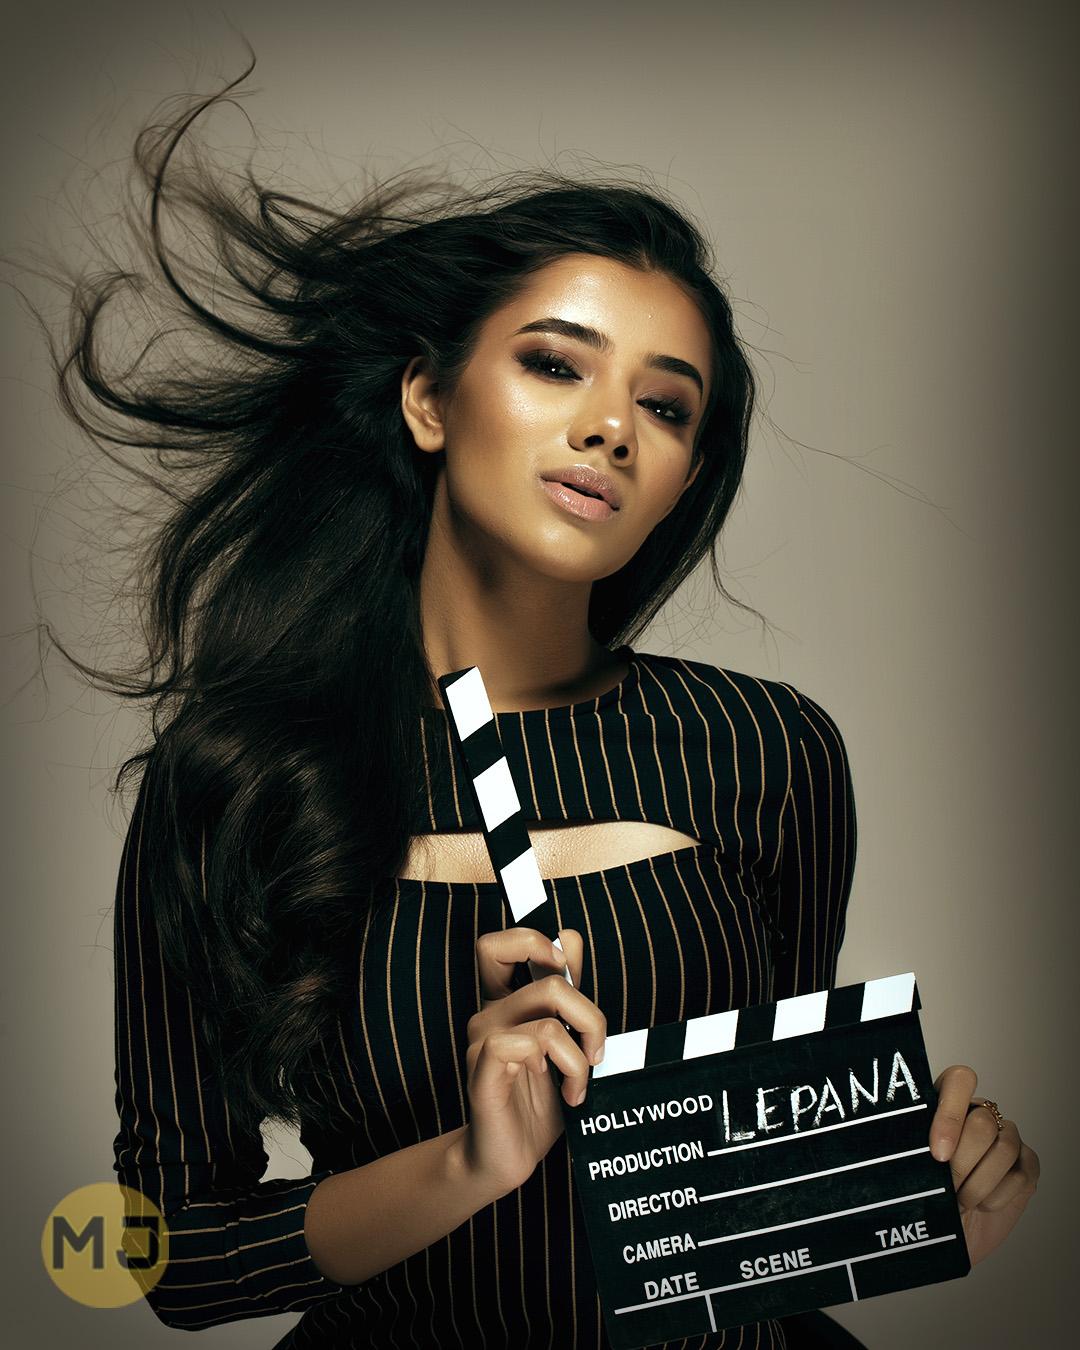 Editorial Makeup of a beautiful model - Professional Makeup